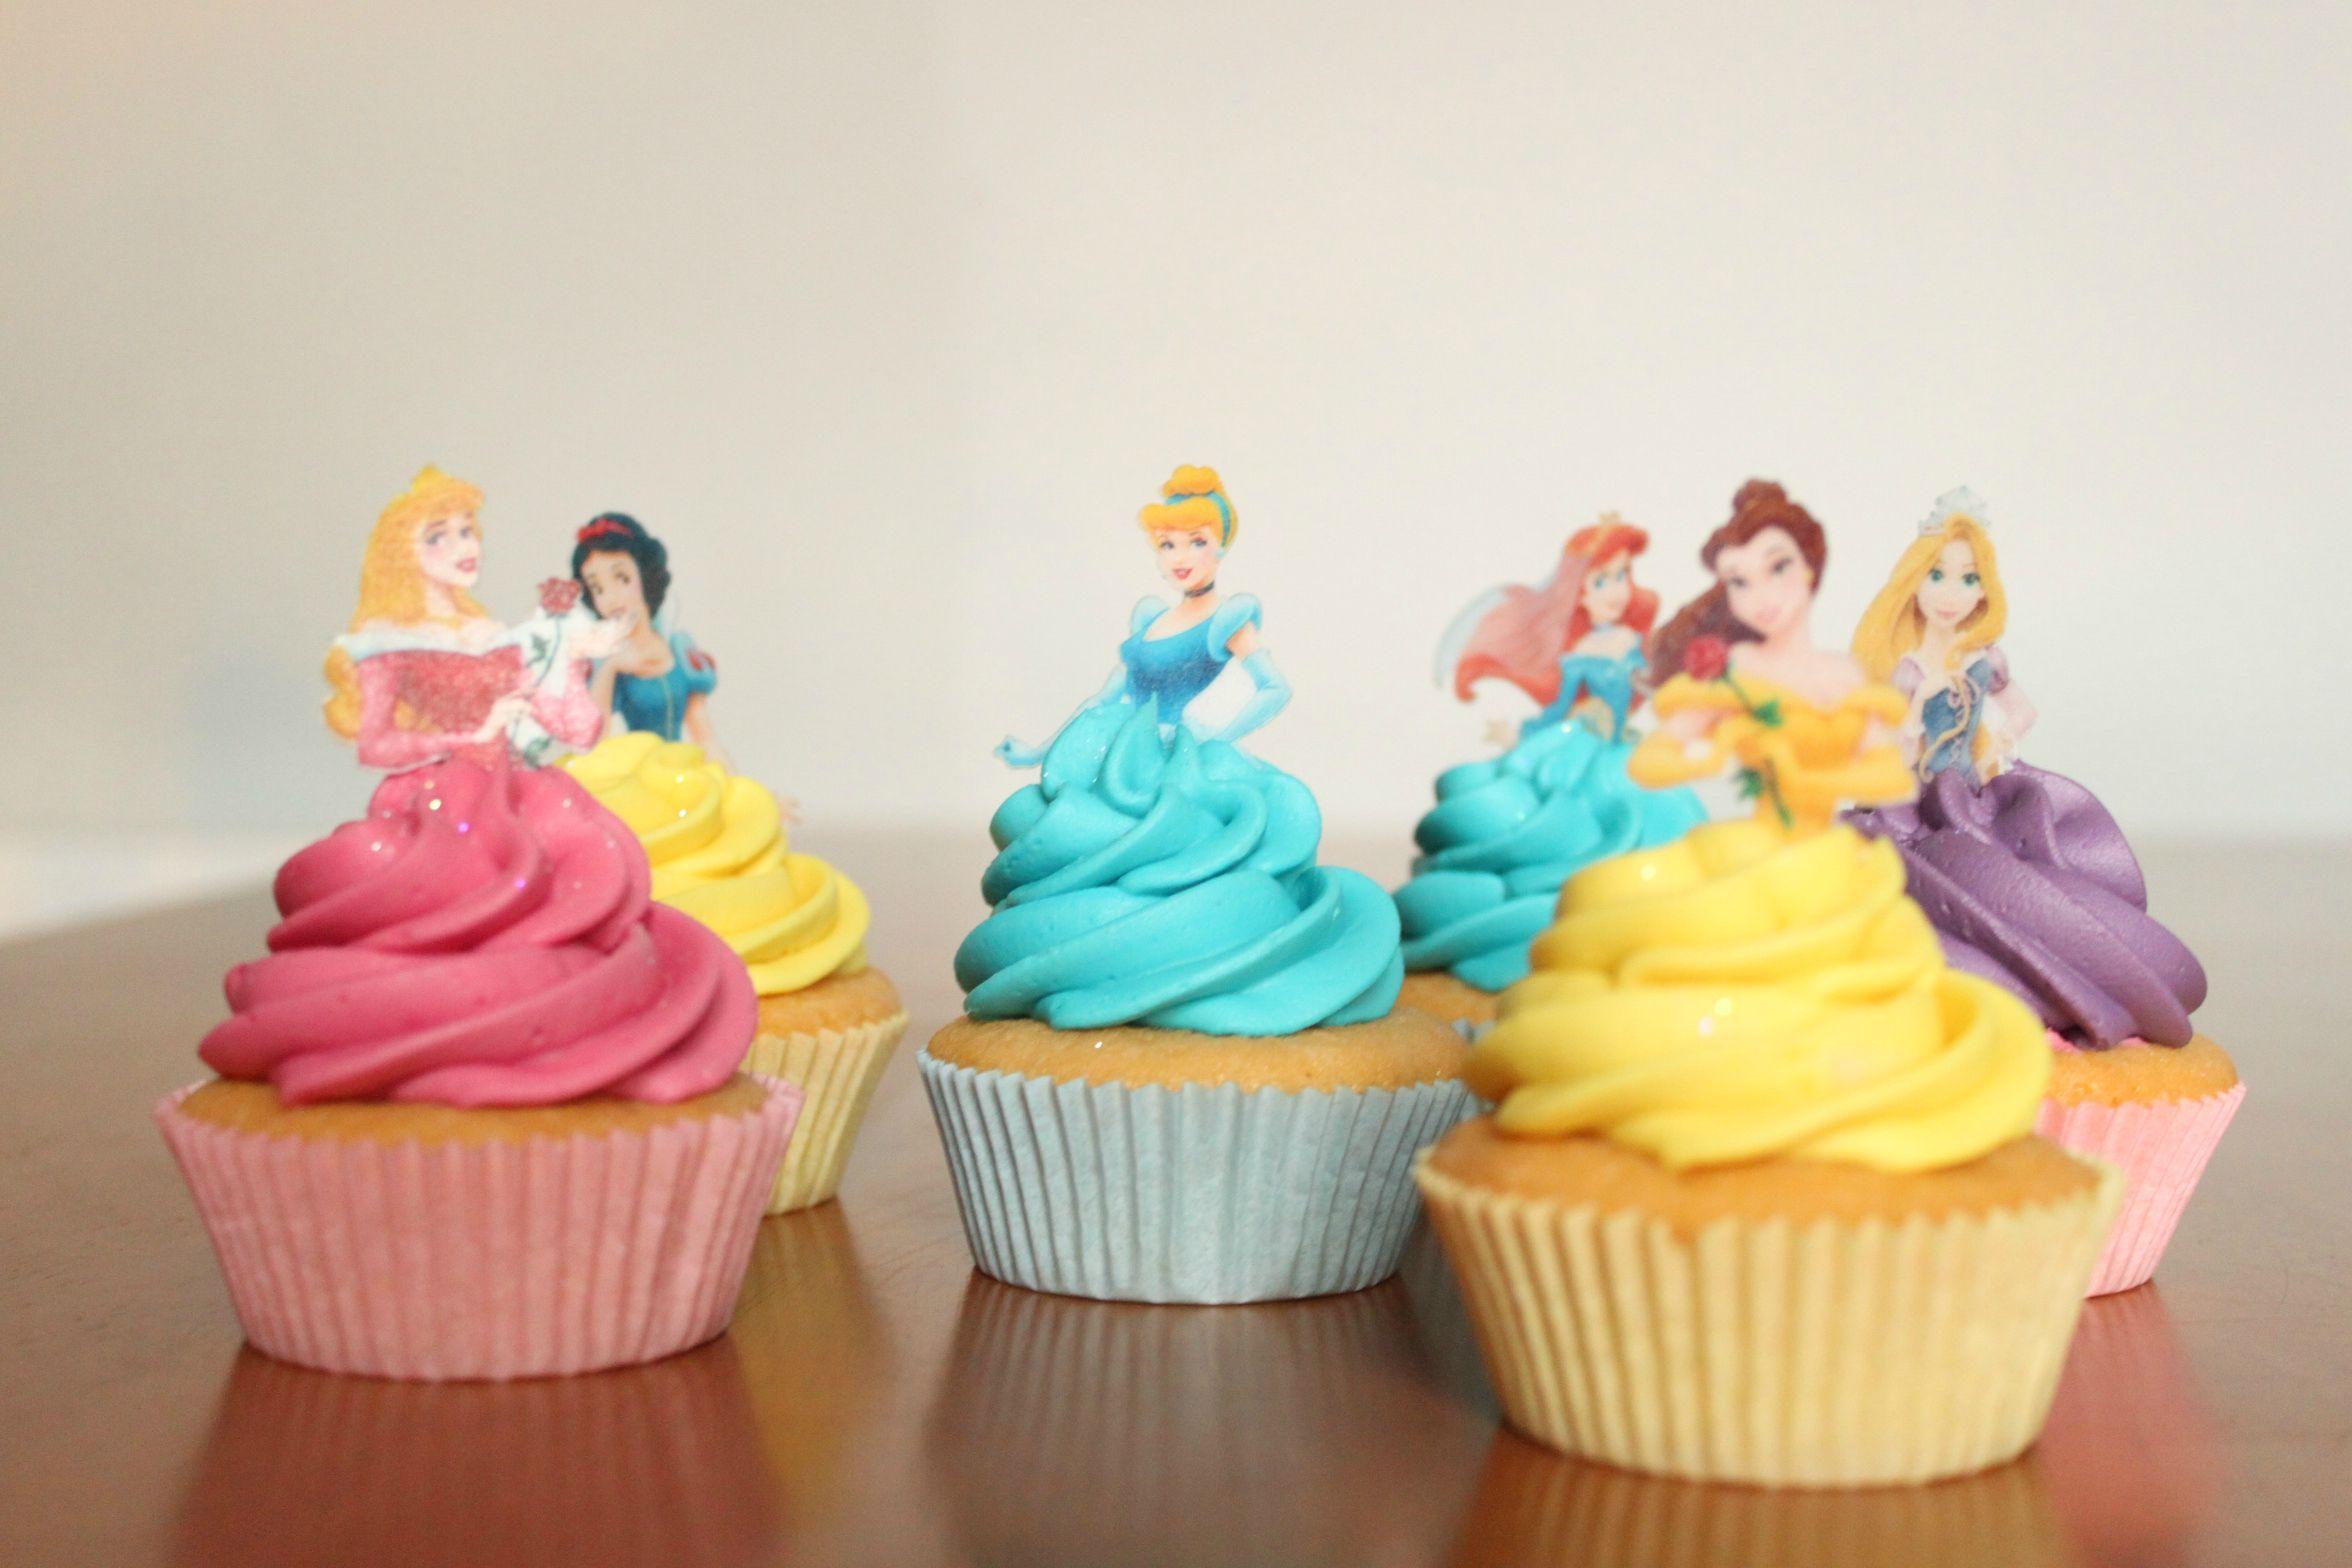 I Made Some Disney Princess Cupcakes Imgur Gallery HOneszp Too Cute